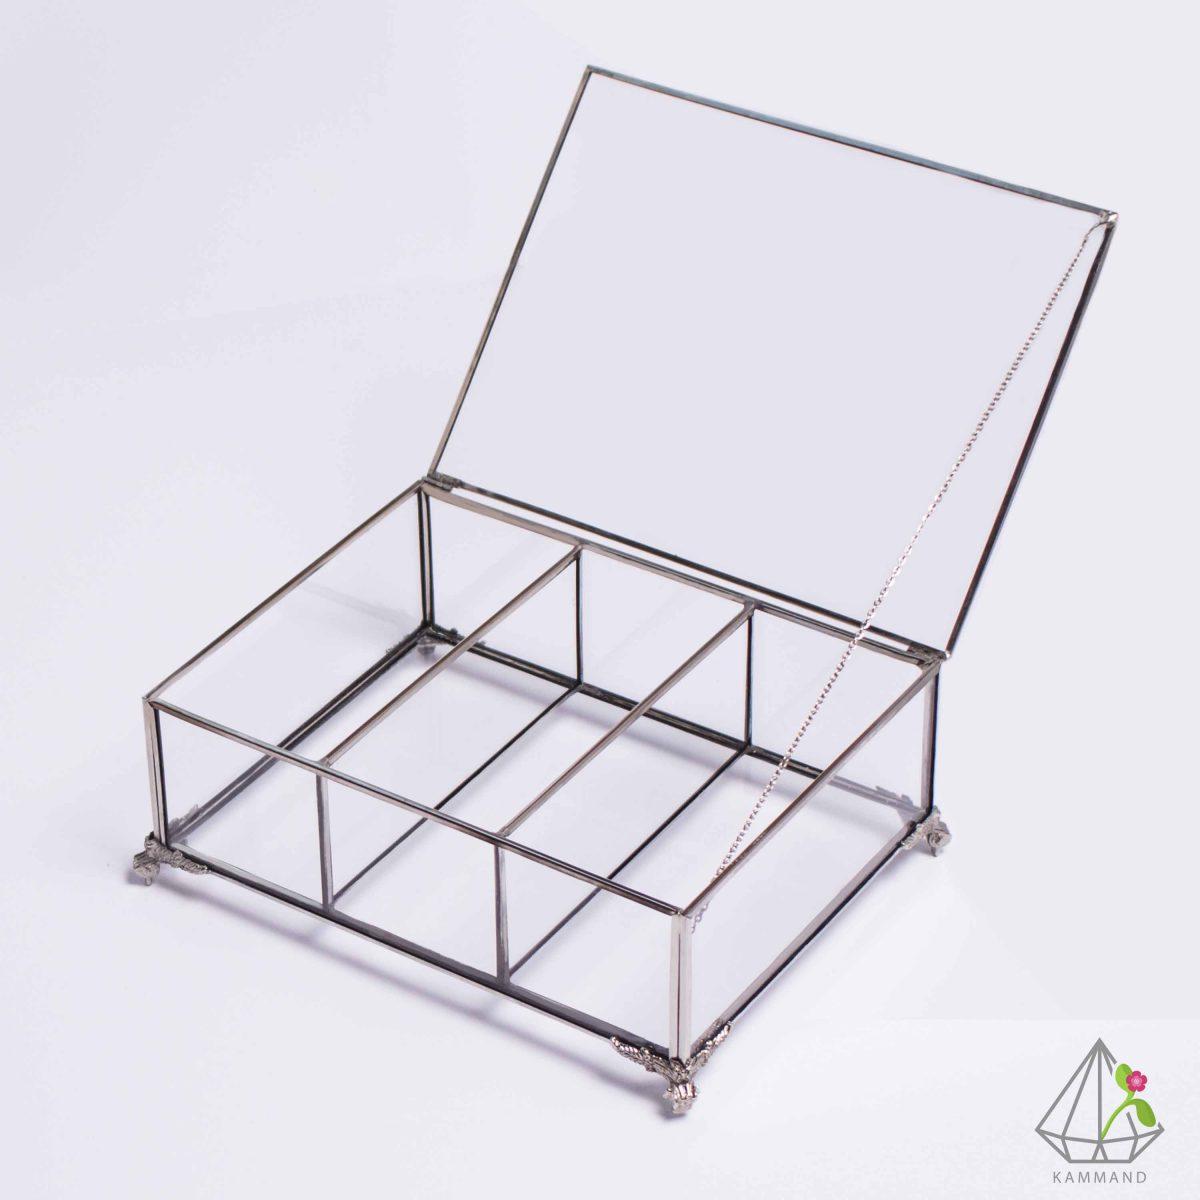 جعبه تی بگ،جعبه تی بگ سه ردیغه، جعبه لوکس؛جعبه پذیرایی،ظروف تراریوم،فروشگاه اینترنتی کمند